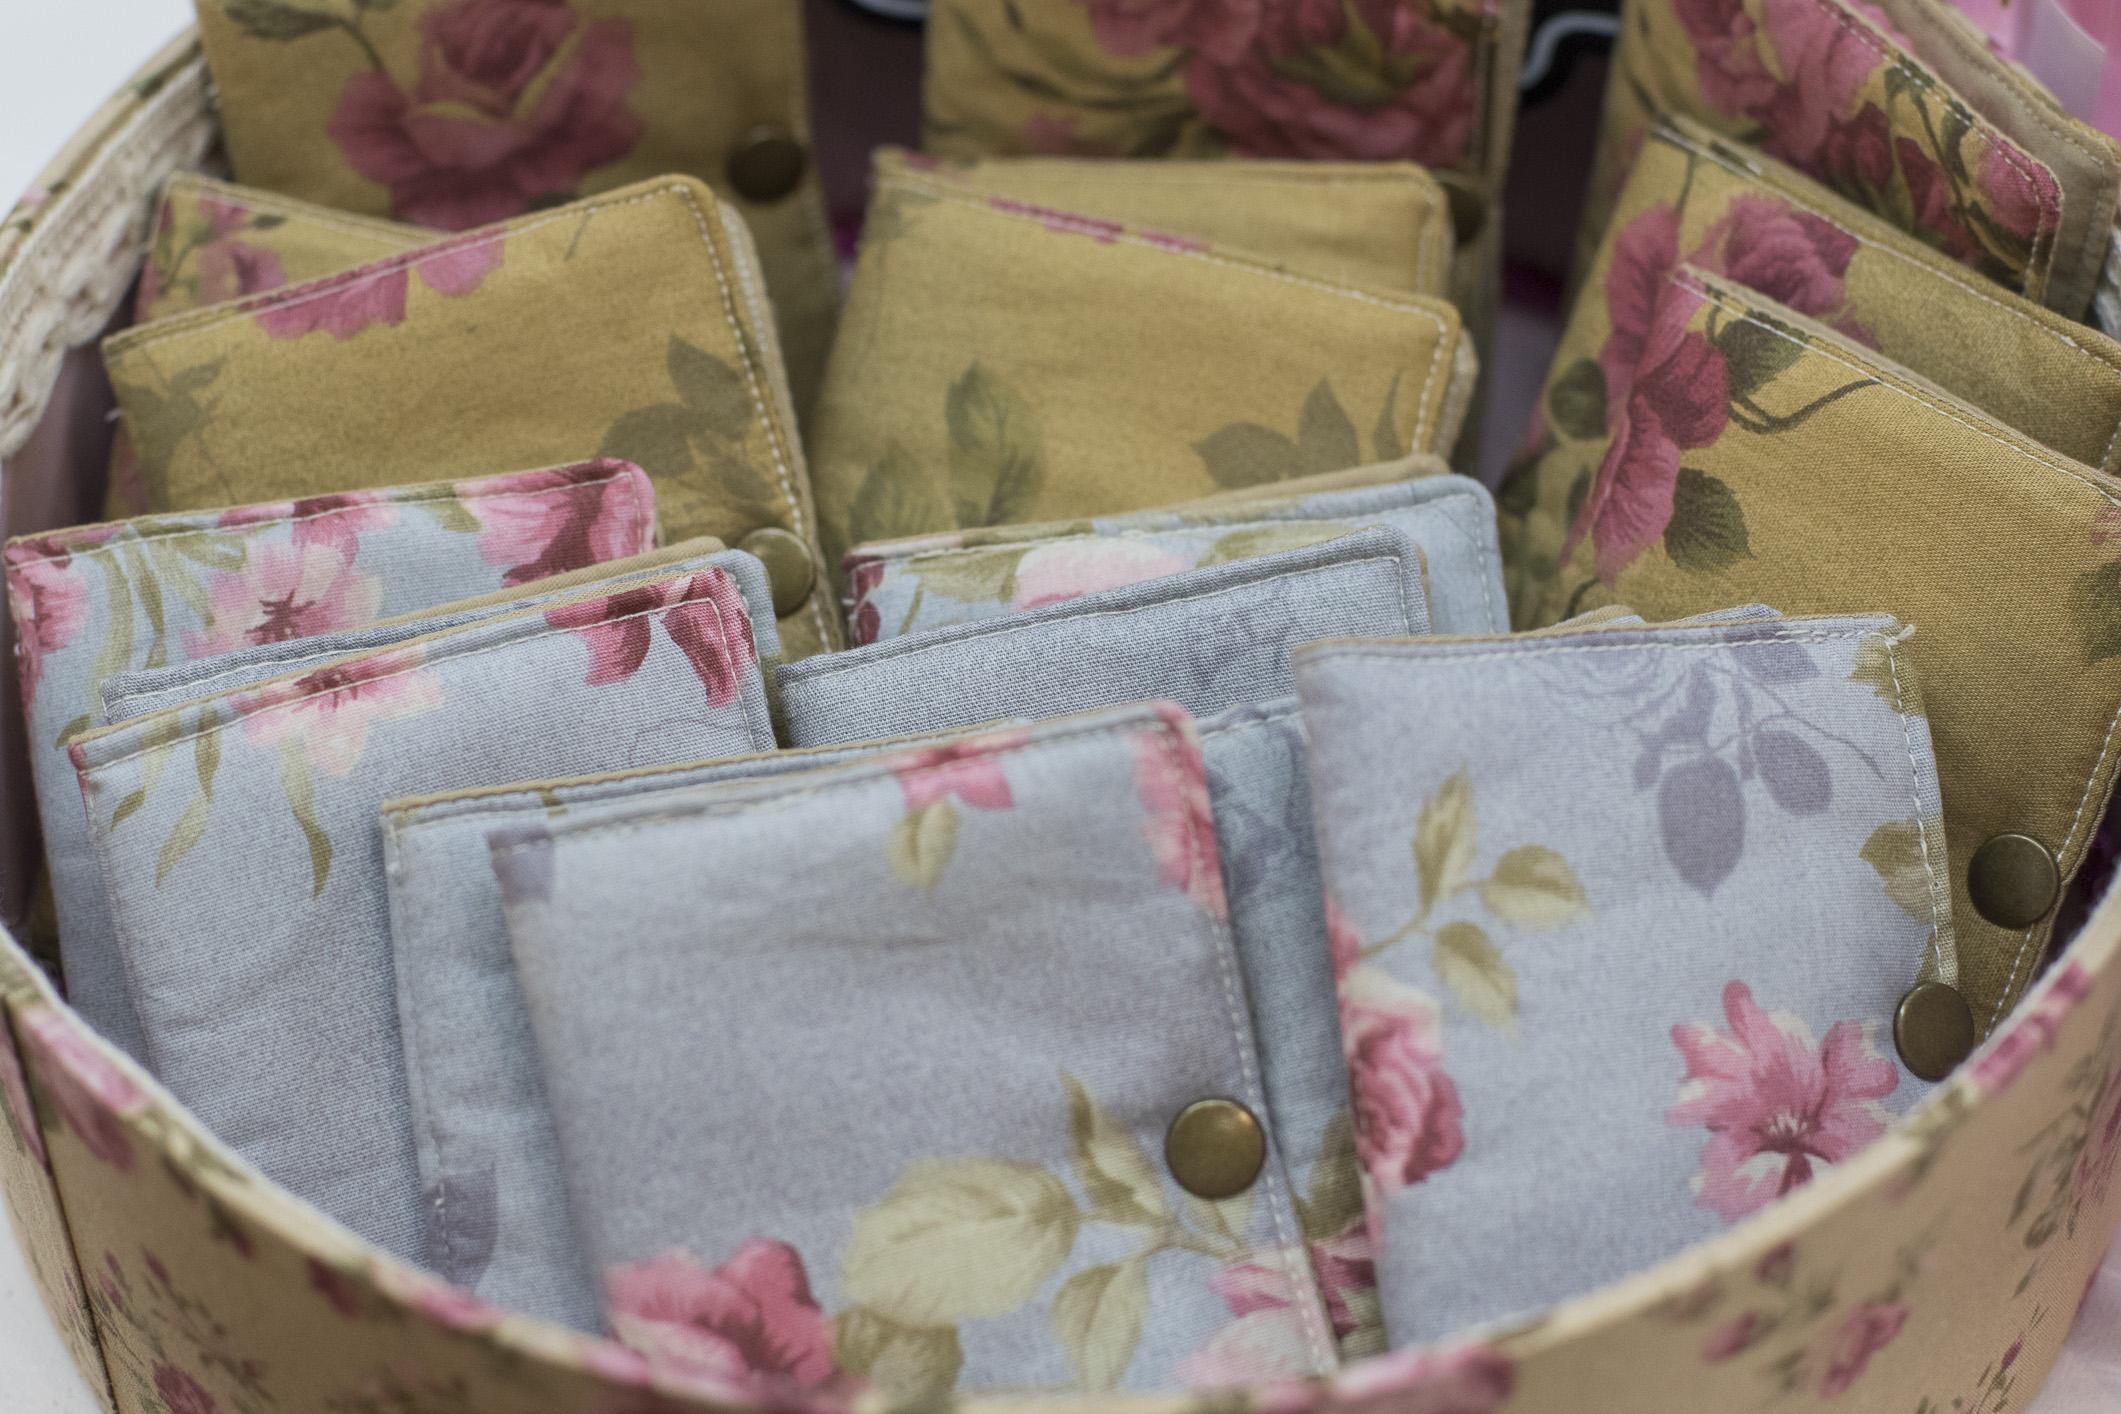 Delicadass carteiras feitas de tecido